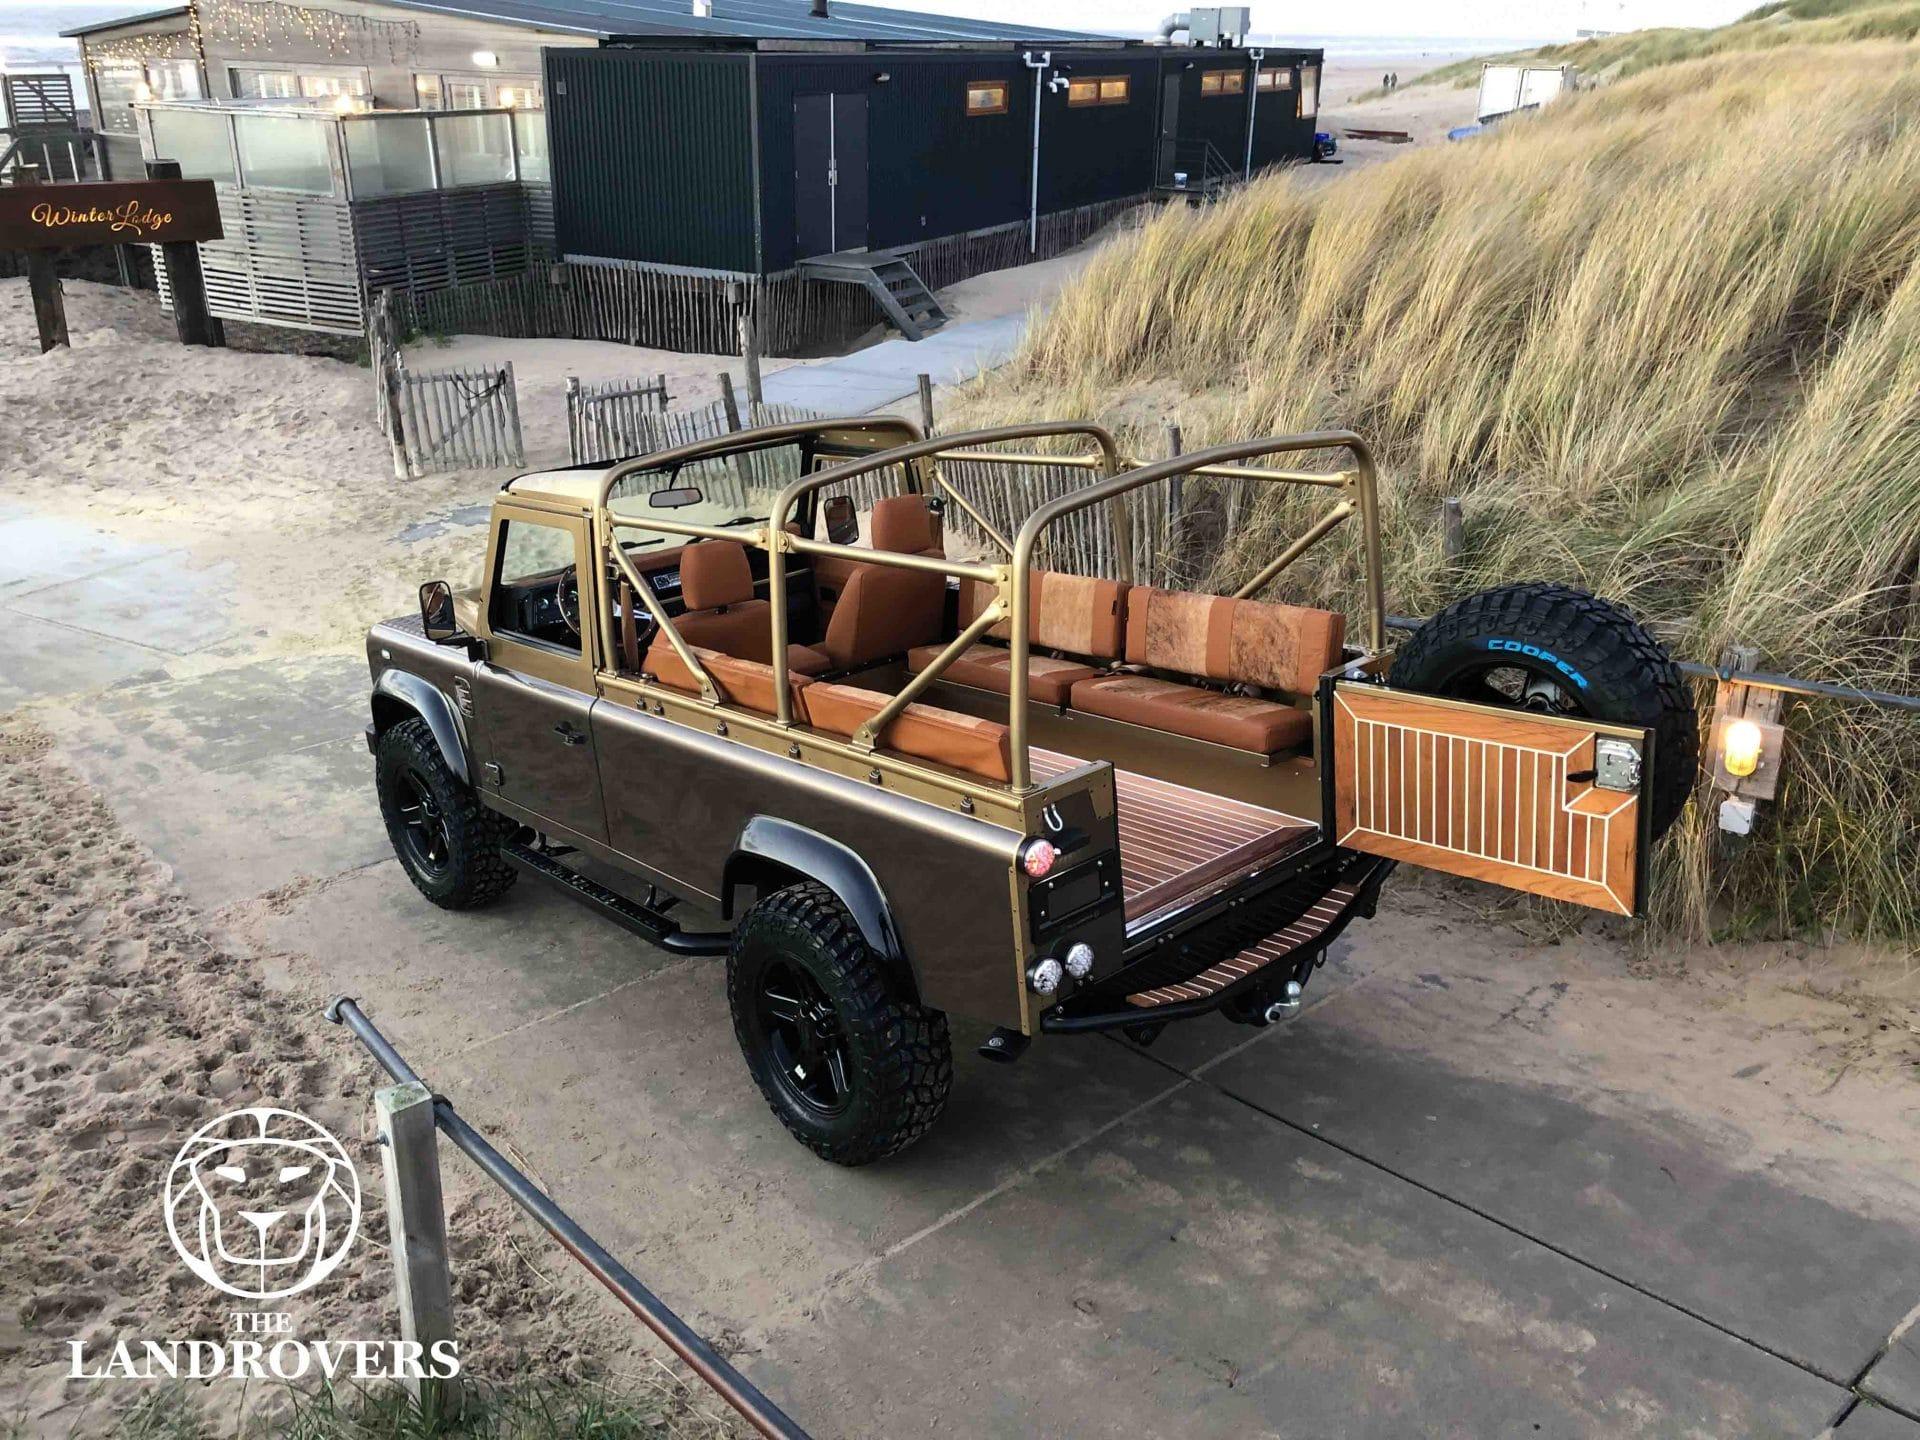 Beachdrifter 004 – The Landrovers